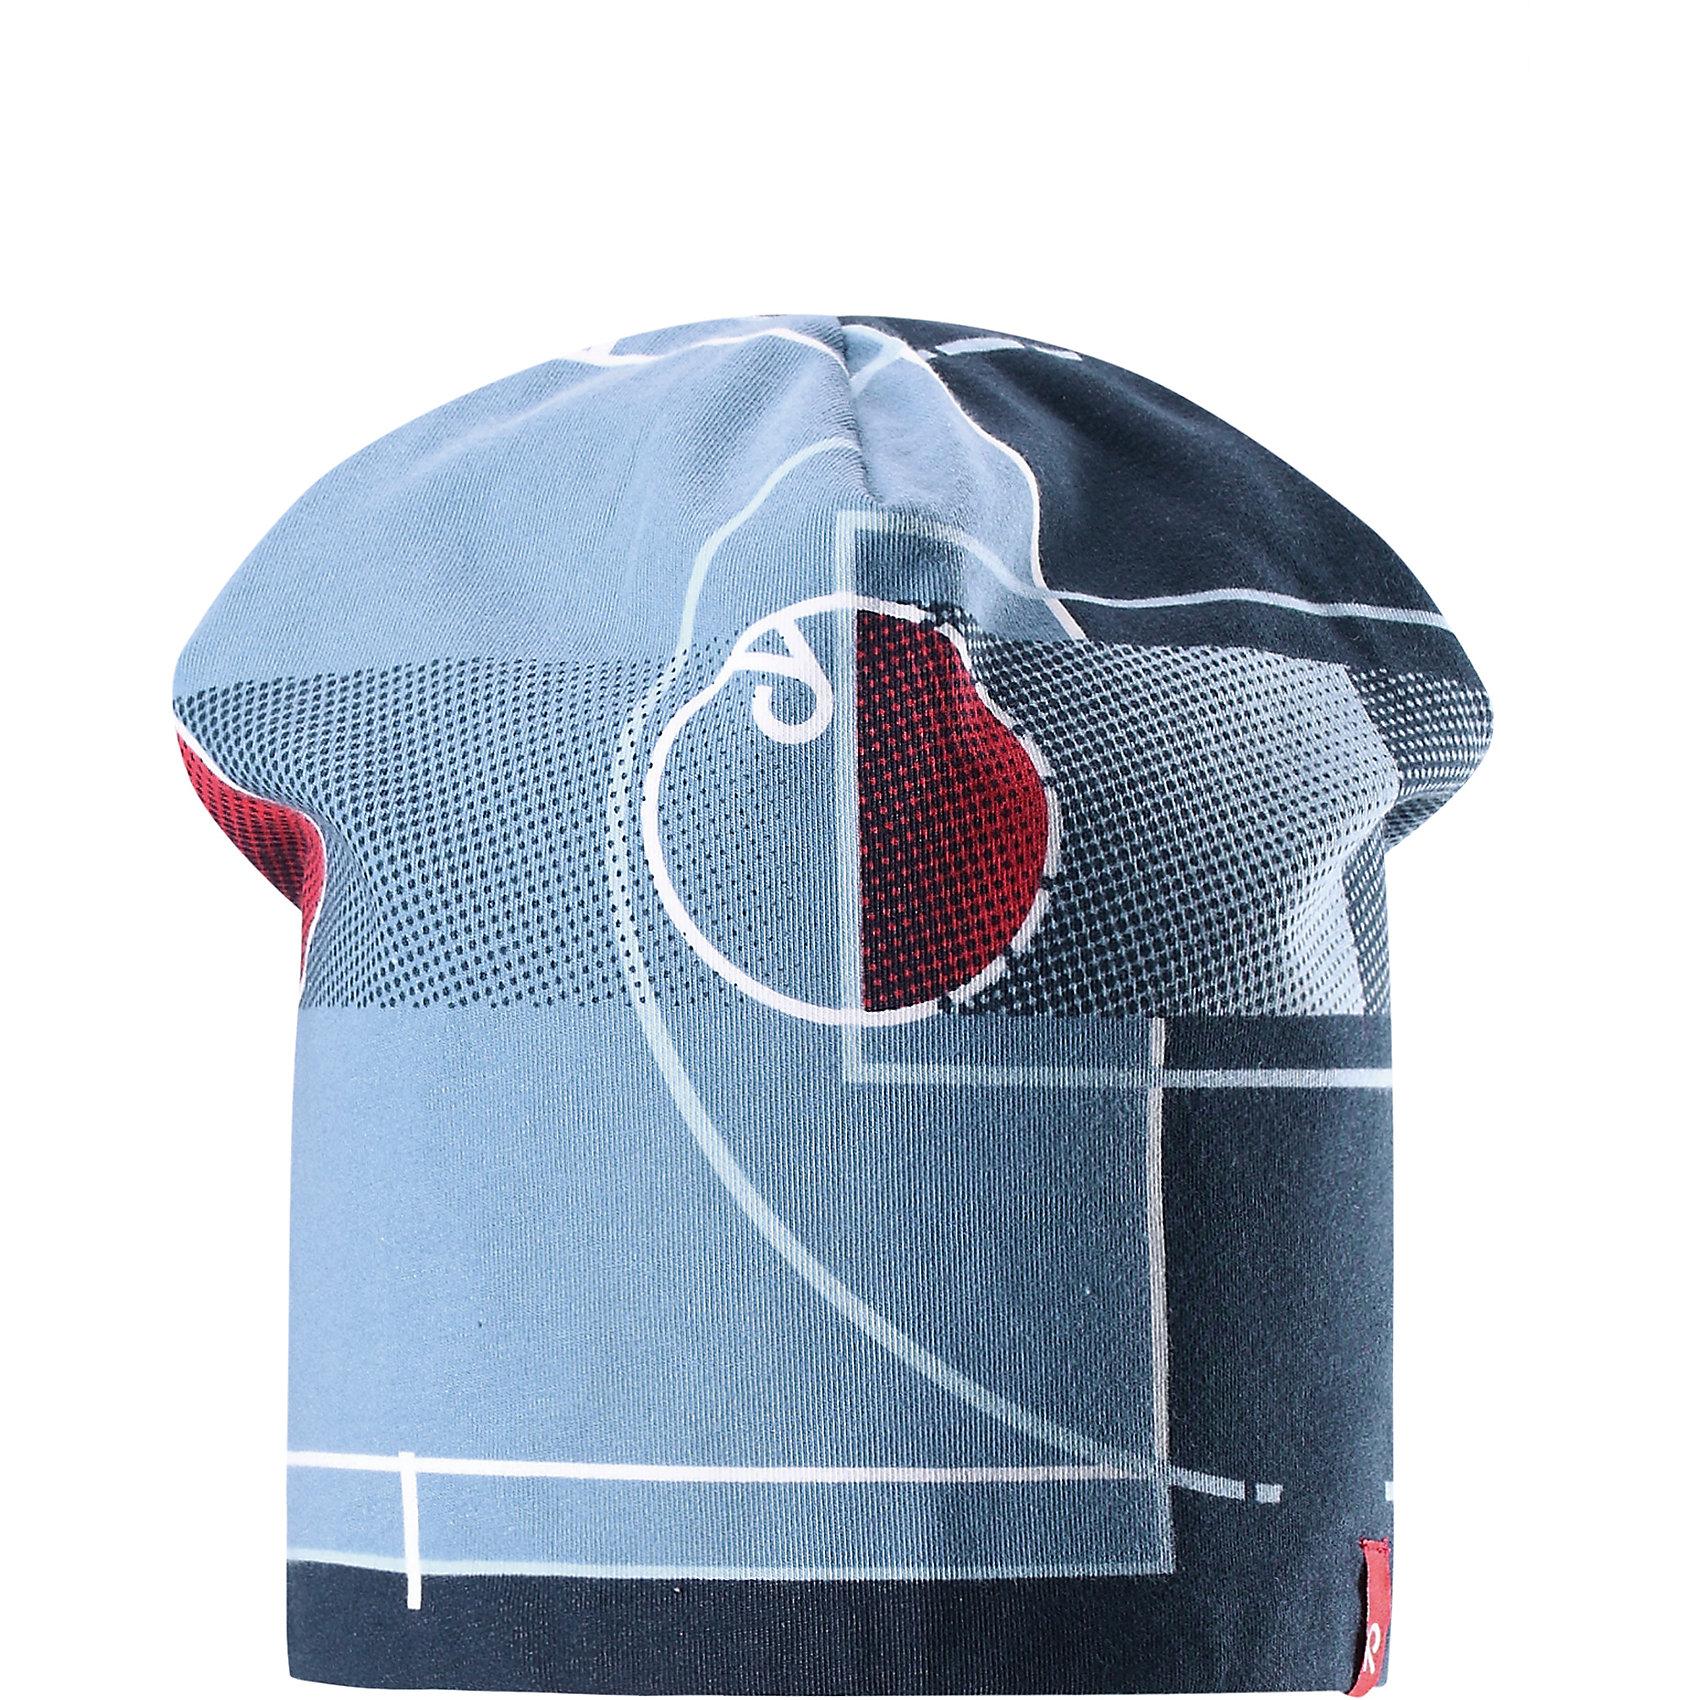 Шапка Frappe ReimaХарактеристики товара:<br><br>• цвет: голубой/синий<br>• быстросохнущий материал<br>• состав: 65% хлопок, 30% полиэстер, 5% эластан<br>• температурный режим: от +5°до +15°С<br>• эластичный материал<br>• сплошная подкладка: влаговыводящий трикотаж<br>• двухсторонняя<br>• отводящий влагу материал Play Jersey<br>• декоративный логотип<br>• фактор защиты от ультрафиолета: 40+<br>• комфортная посадка<br>• страна производства: Китай<br>• страна бренда: Финляндия<br>• коллекция: весна-лето 2017<br><br>Детский головной убор может быть модным и удобным одновременно! Стильная шапка поможет обеспечить ребенку комфорт и дополнить наряд. Она отлично смотрится с различной одеждой. Шапка удобно сидит и аккуратно выглядит. Проста в уходе, долго служит. Стильный дизайн разрабатывался специально для детей. Отличная защита от солнца!<br><br>Одежда и обувь от финского бренда Reima пользуется популярностью во многих странах. Эти изделия стильные, качественные и удобные. Для производства продукции используются только безопасные, проверенные материалы и фурнитура. Порадуйте ребенка модными и красивыми вещами от Reima! <br><br>Шапку для мальчика от финского бренда Reima (Рейма) можно купить в нашем интернет-магазине.<br><br>Ширина мм: 89<br>Глубина мм: 117<br>Высота мм: 44<br>Вес г: 155<br>Цвет: синий<br>Возраст от месяцев: 48<br>Возраст до месяцев: 84<br>Пол: Унисекс<br>Возраст: Детский<br>Размер: 54,50<br>SKU: 5267907